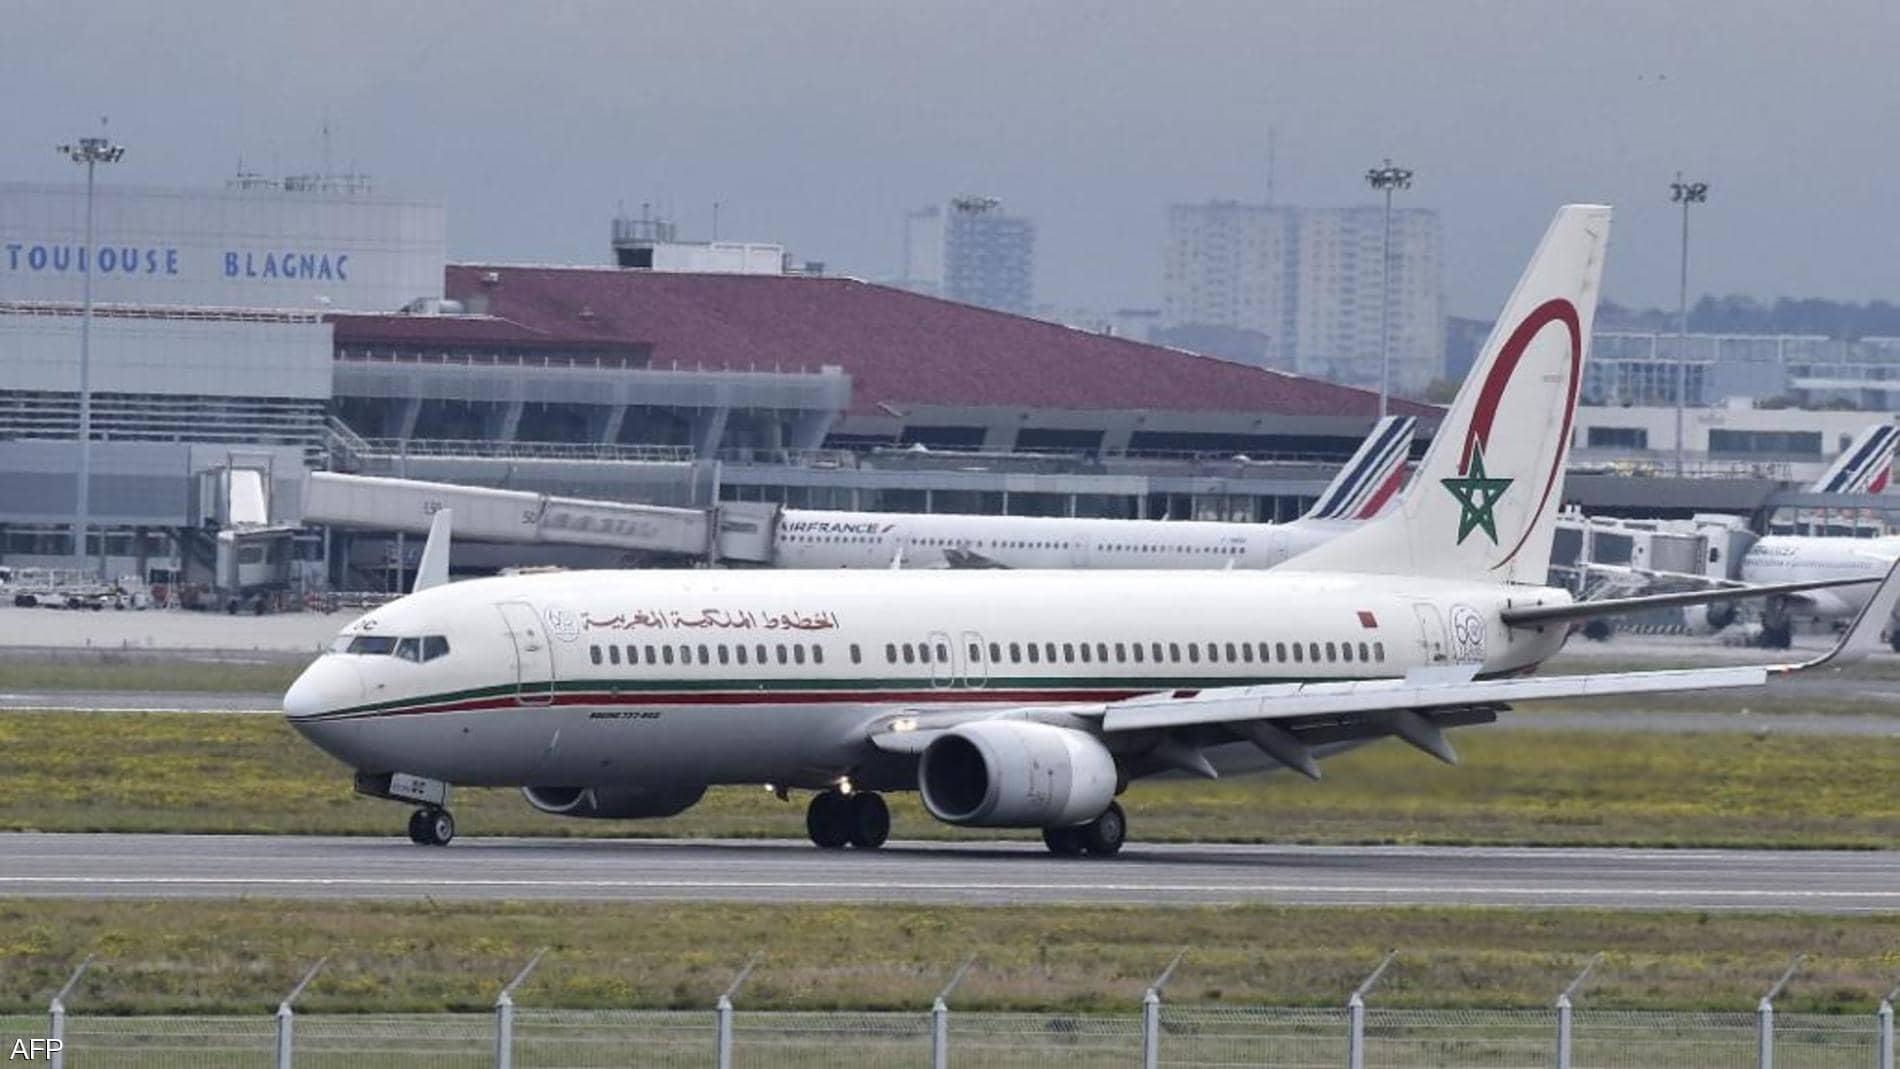 المغرب يعلن استئناف الرحلات الجوية ..  وقائمتان تحددان الشروط